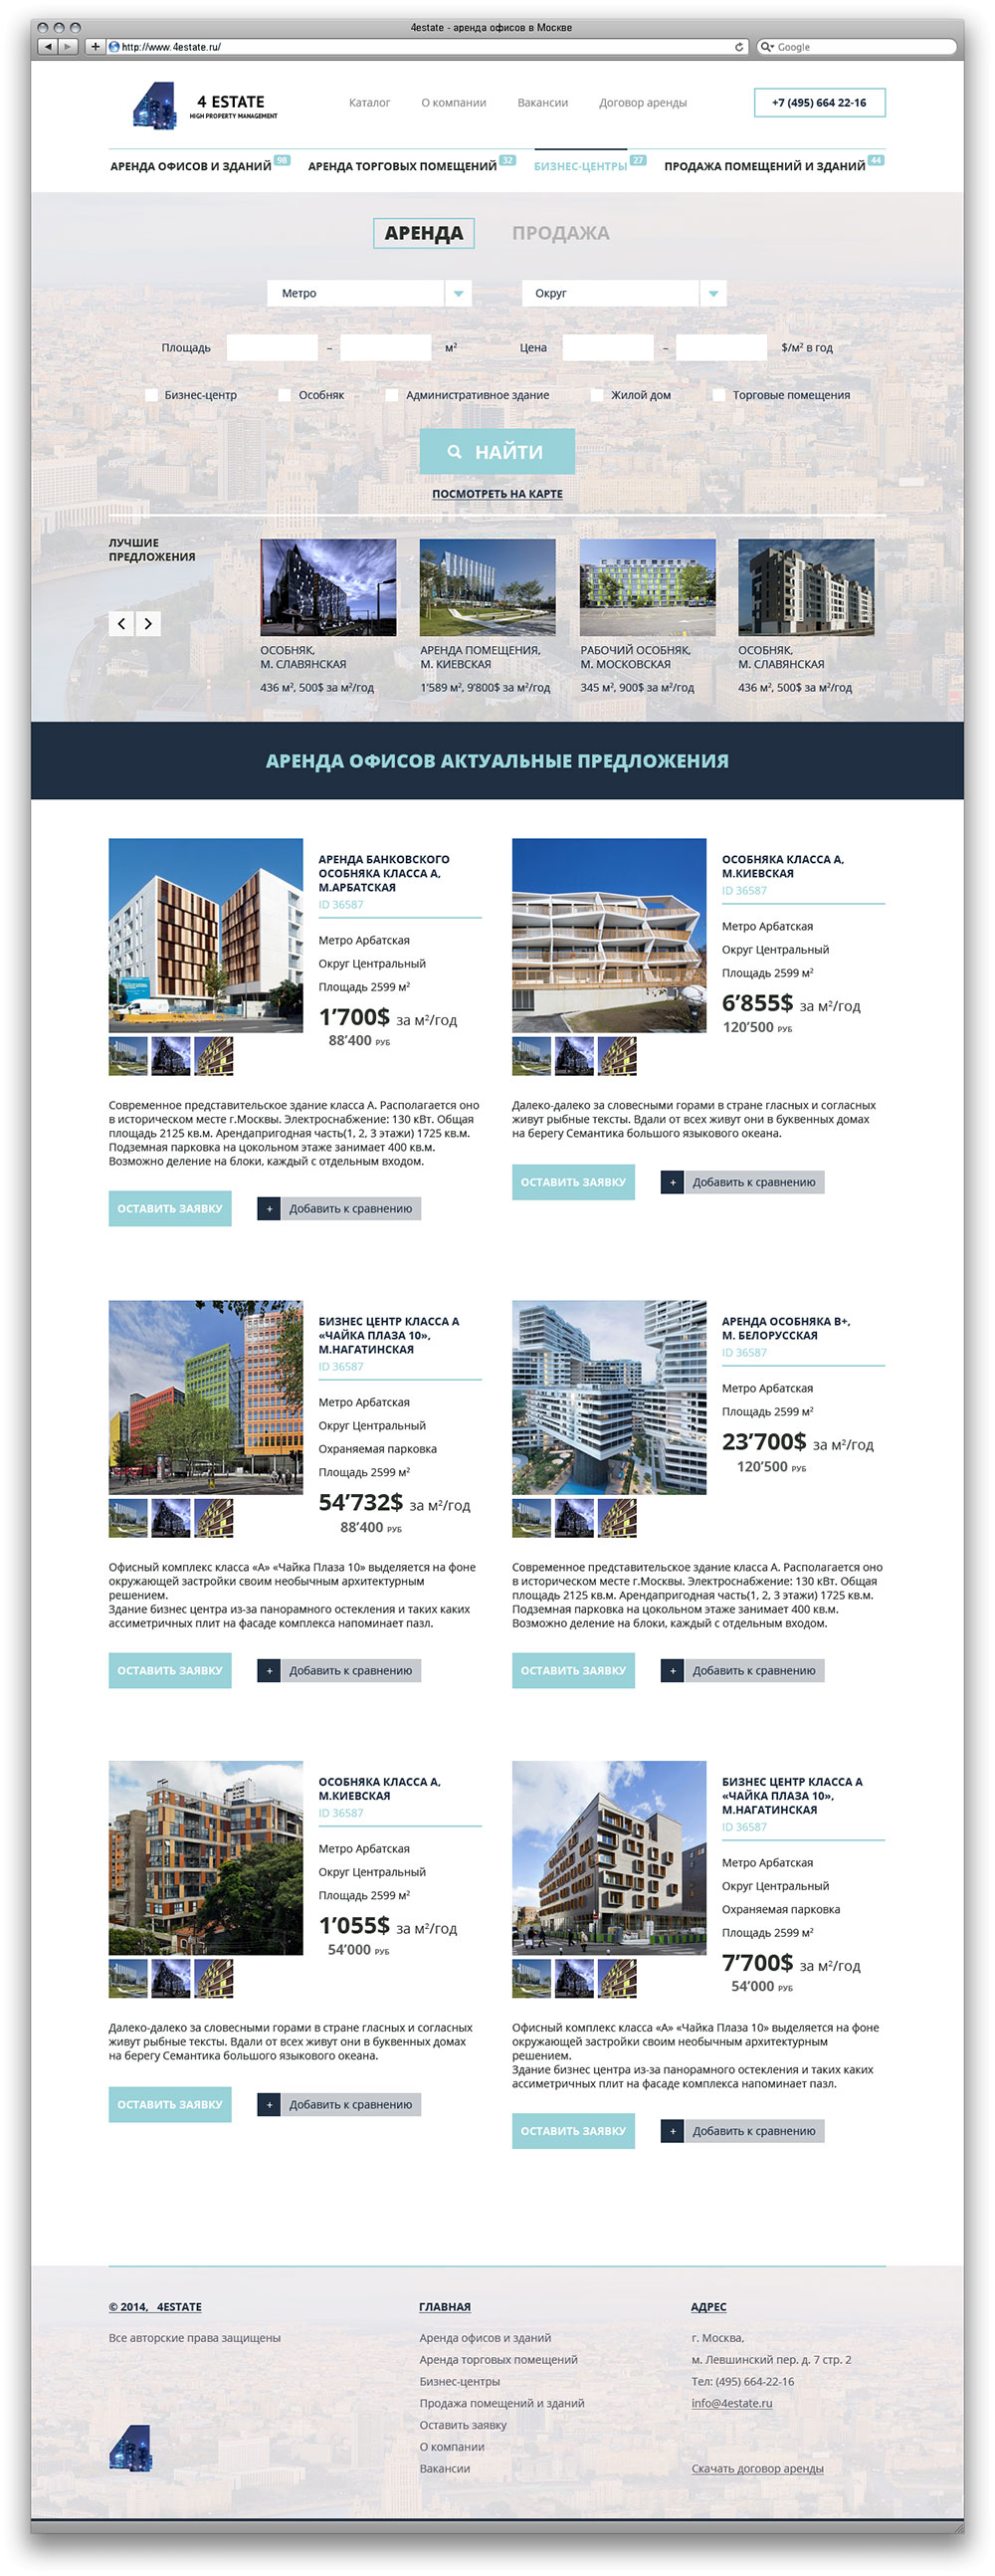 Недвижимость в аренду ◊ 4estate